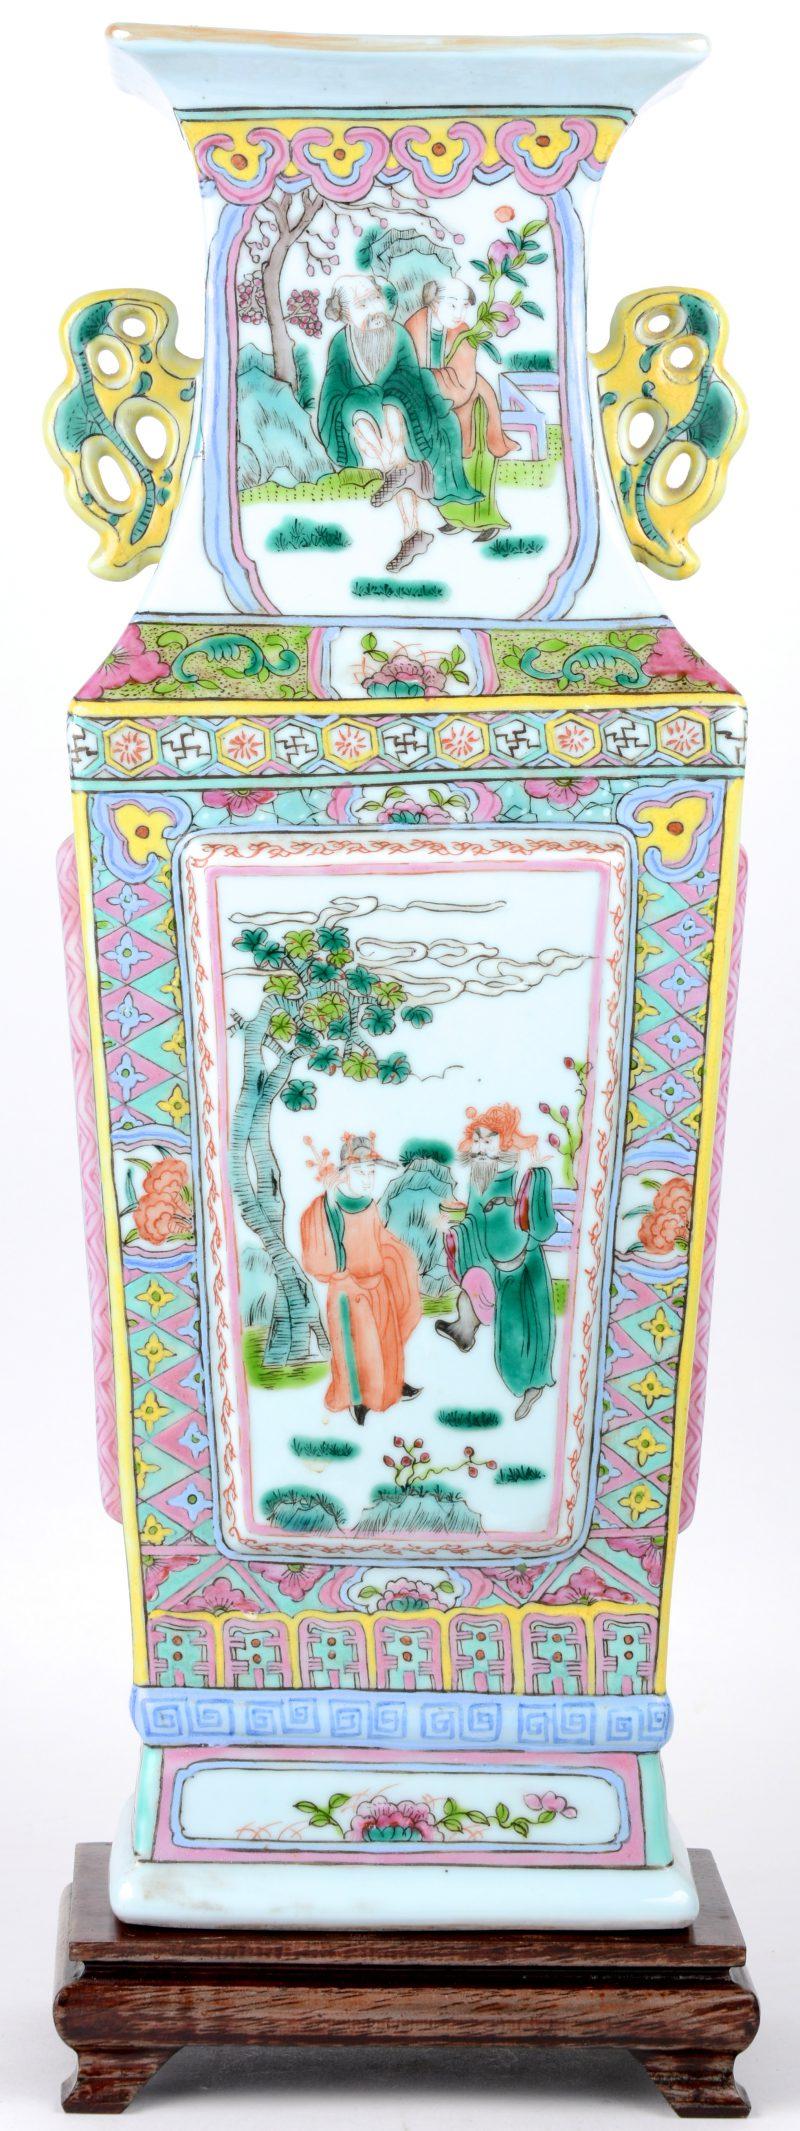 Vaas van Chinees porselein met decor van personages. XXste eeuw. Houten sokkeltje.